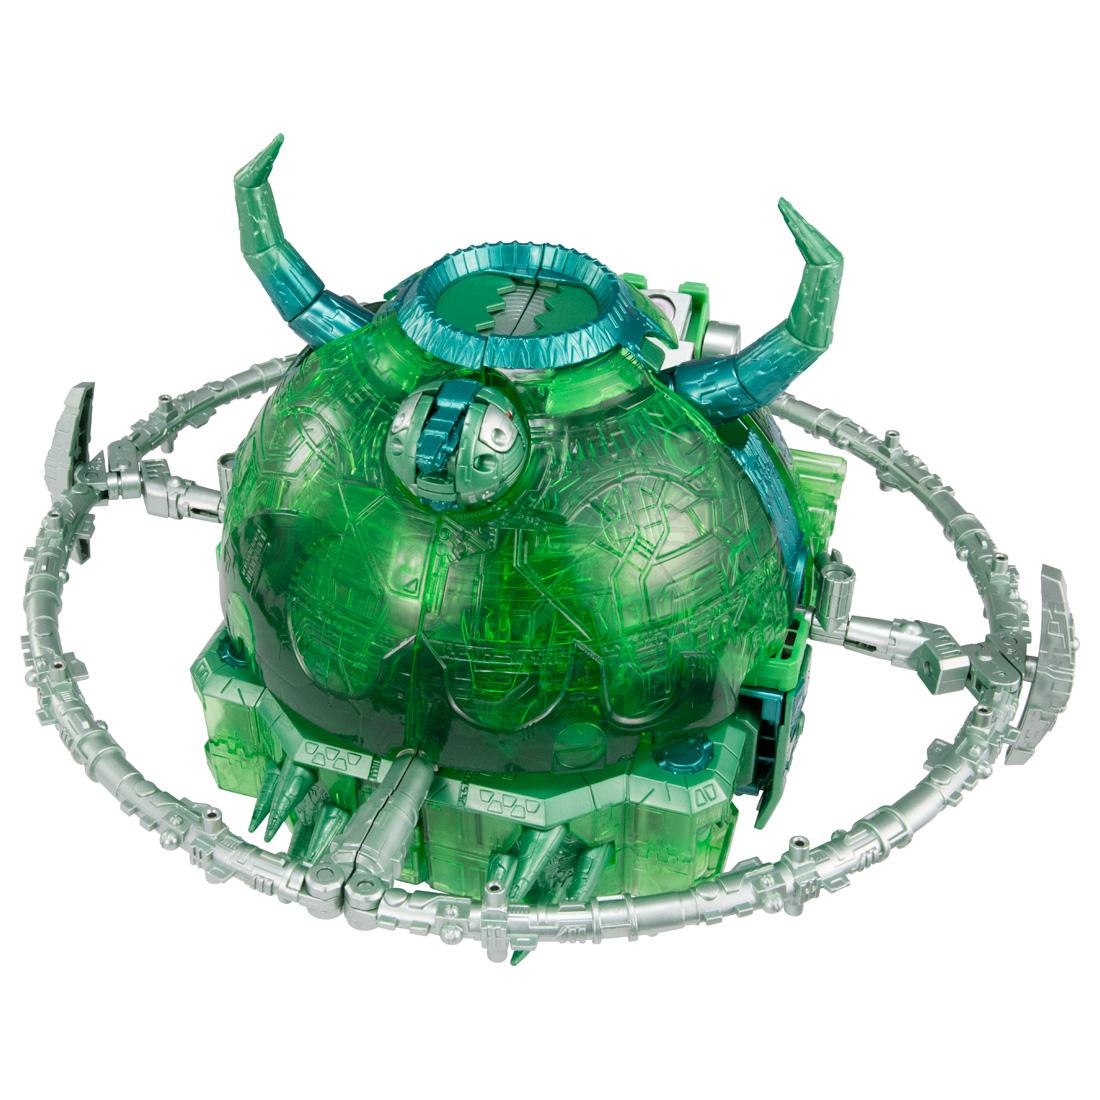 トランスフォーマー アンコール『ユニクロン(マイクロン集合体カラー)』可変可動フィギュア-004